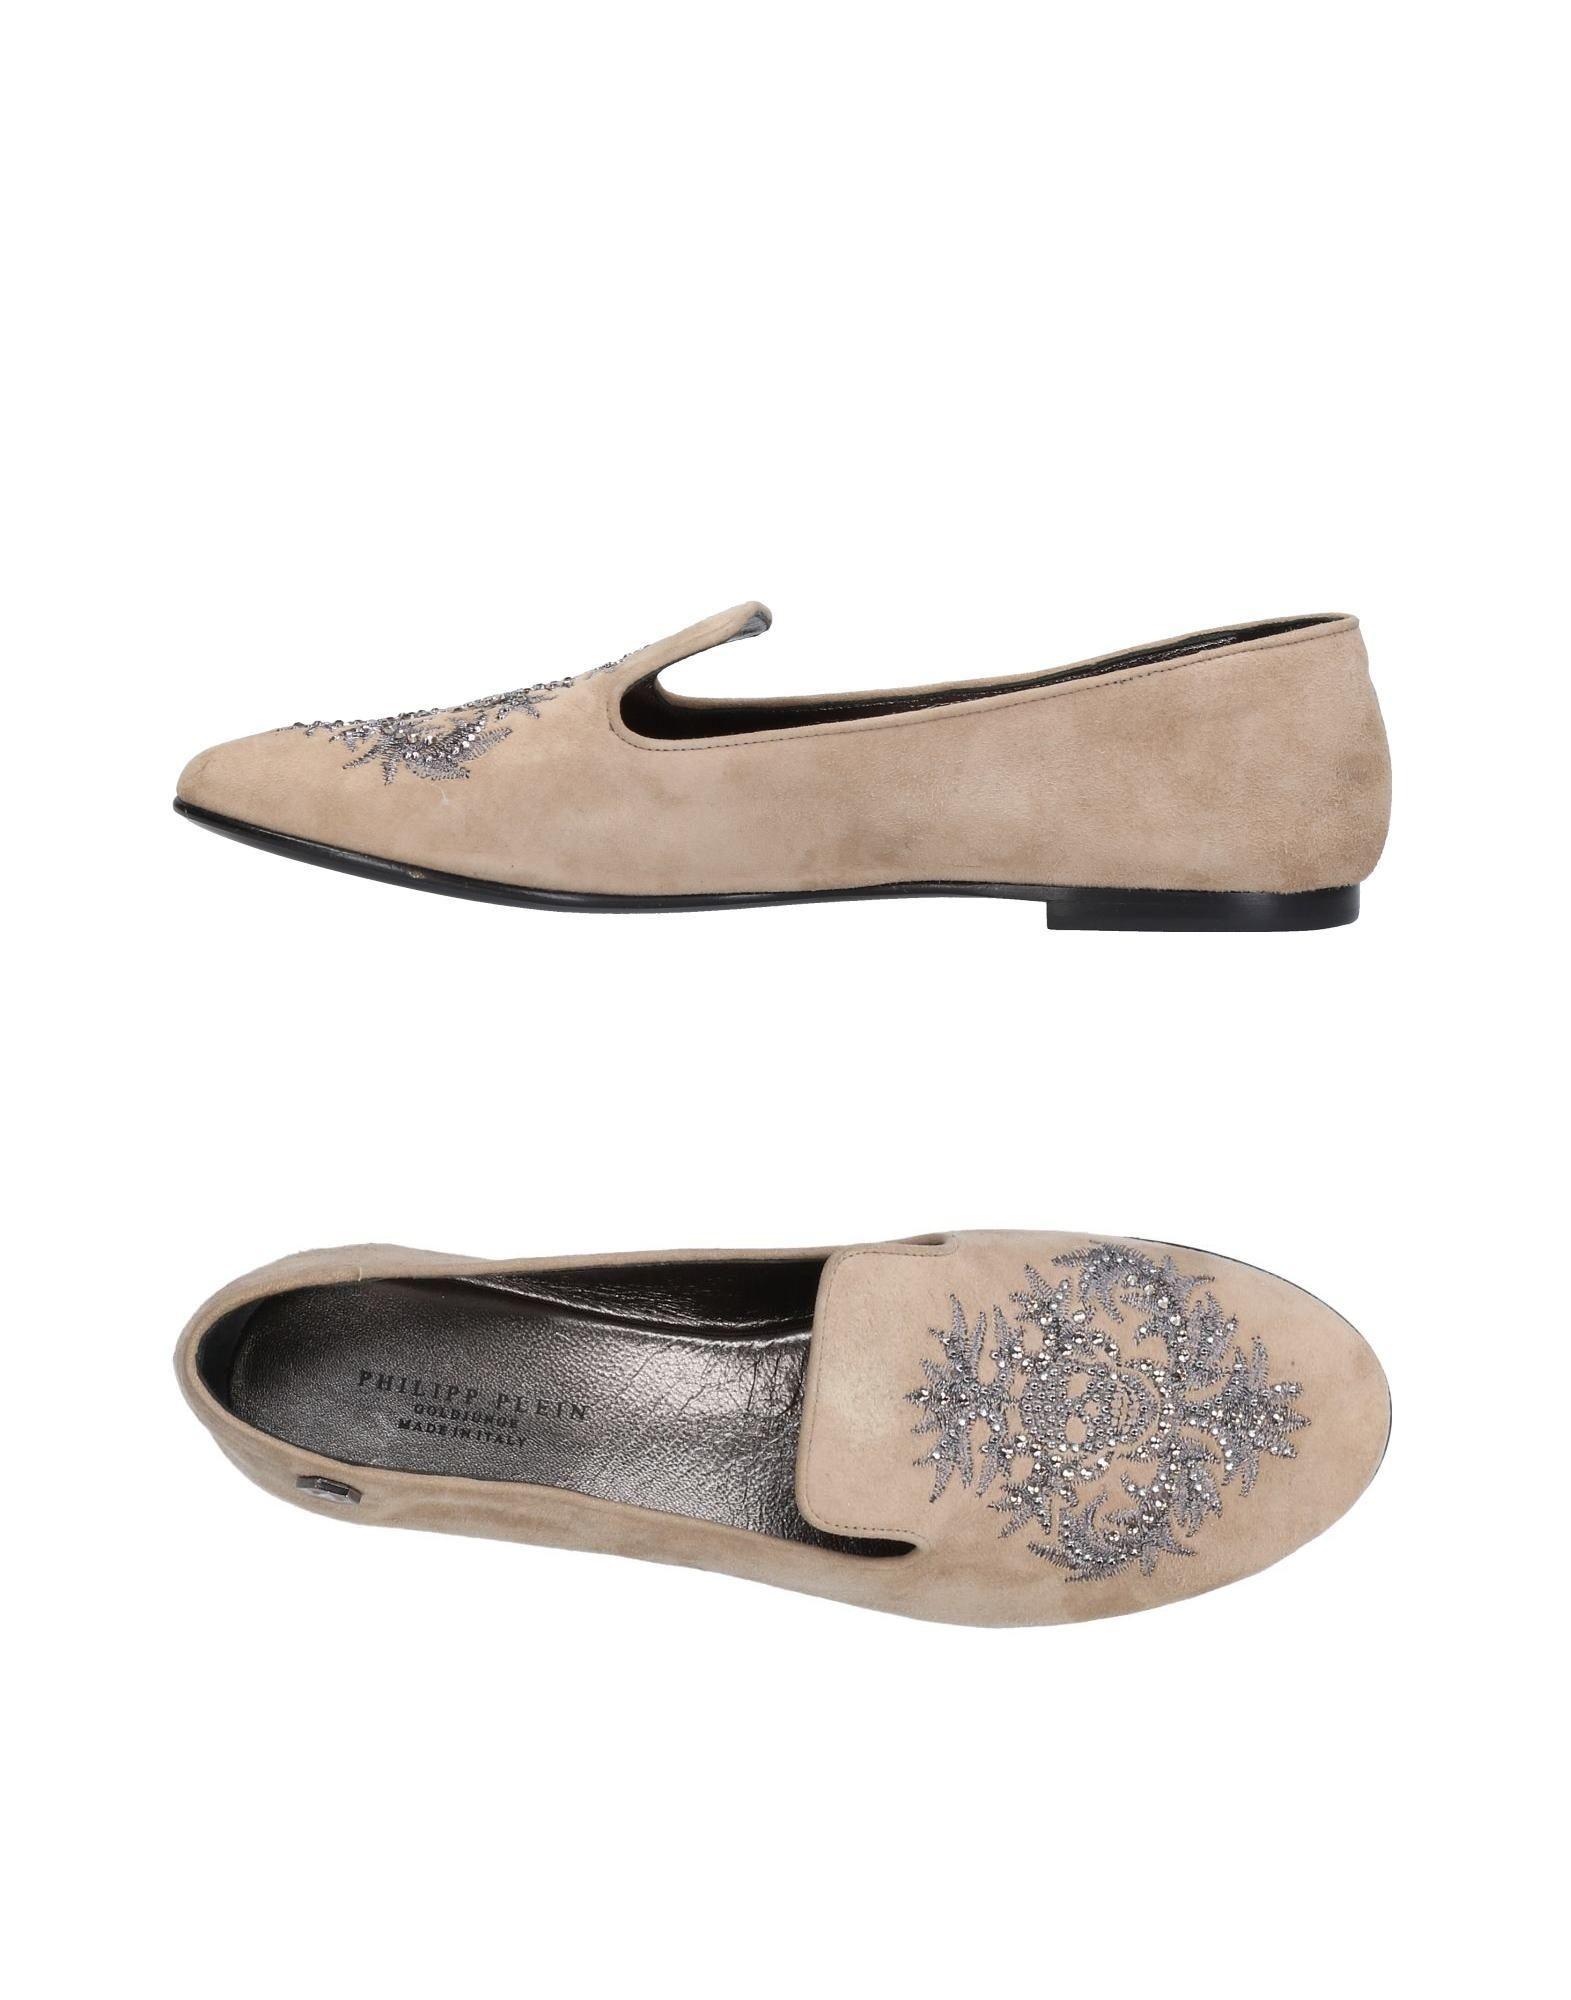 Philipp Plein Mokassins Damen  11453774NRGünstige gut aussehende Schuhe